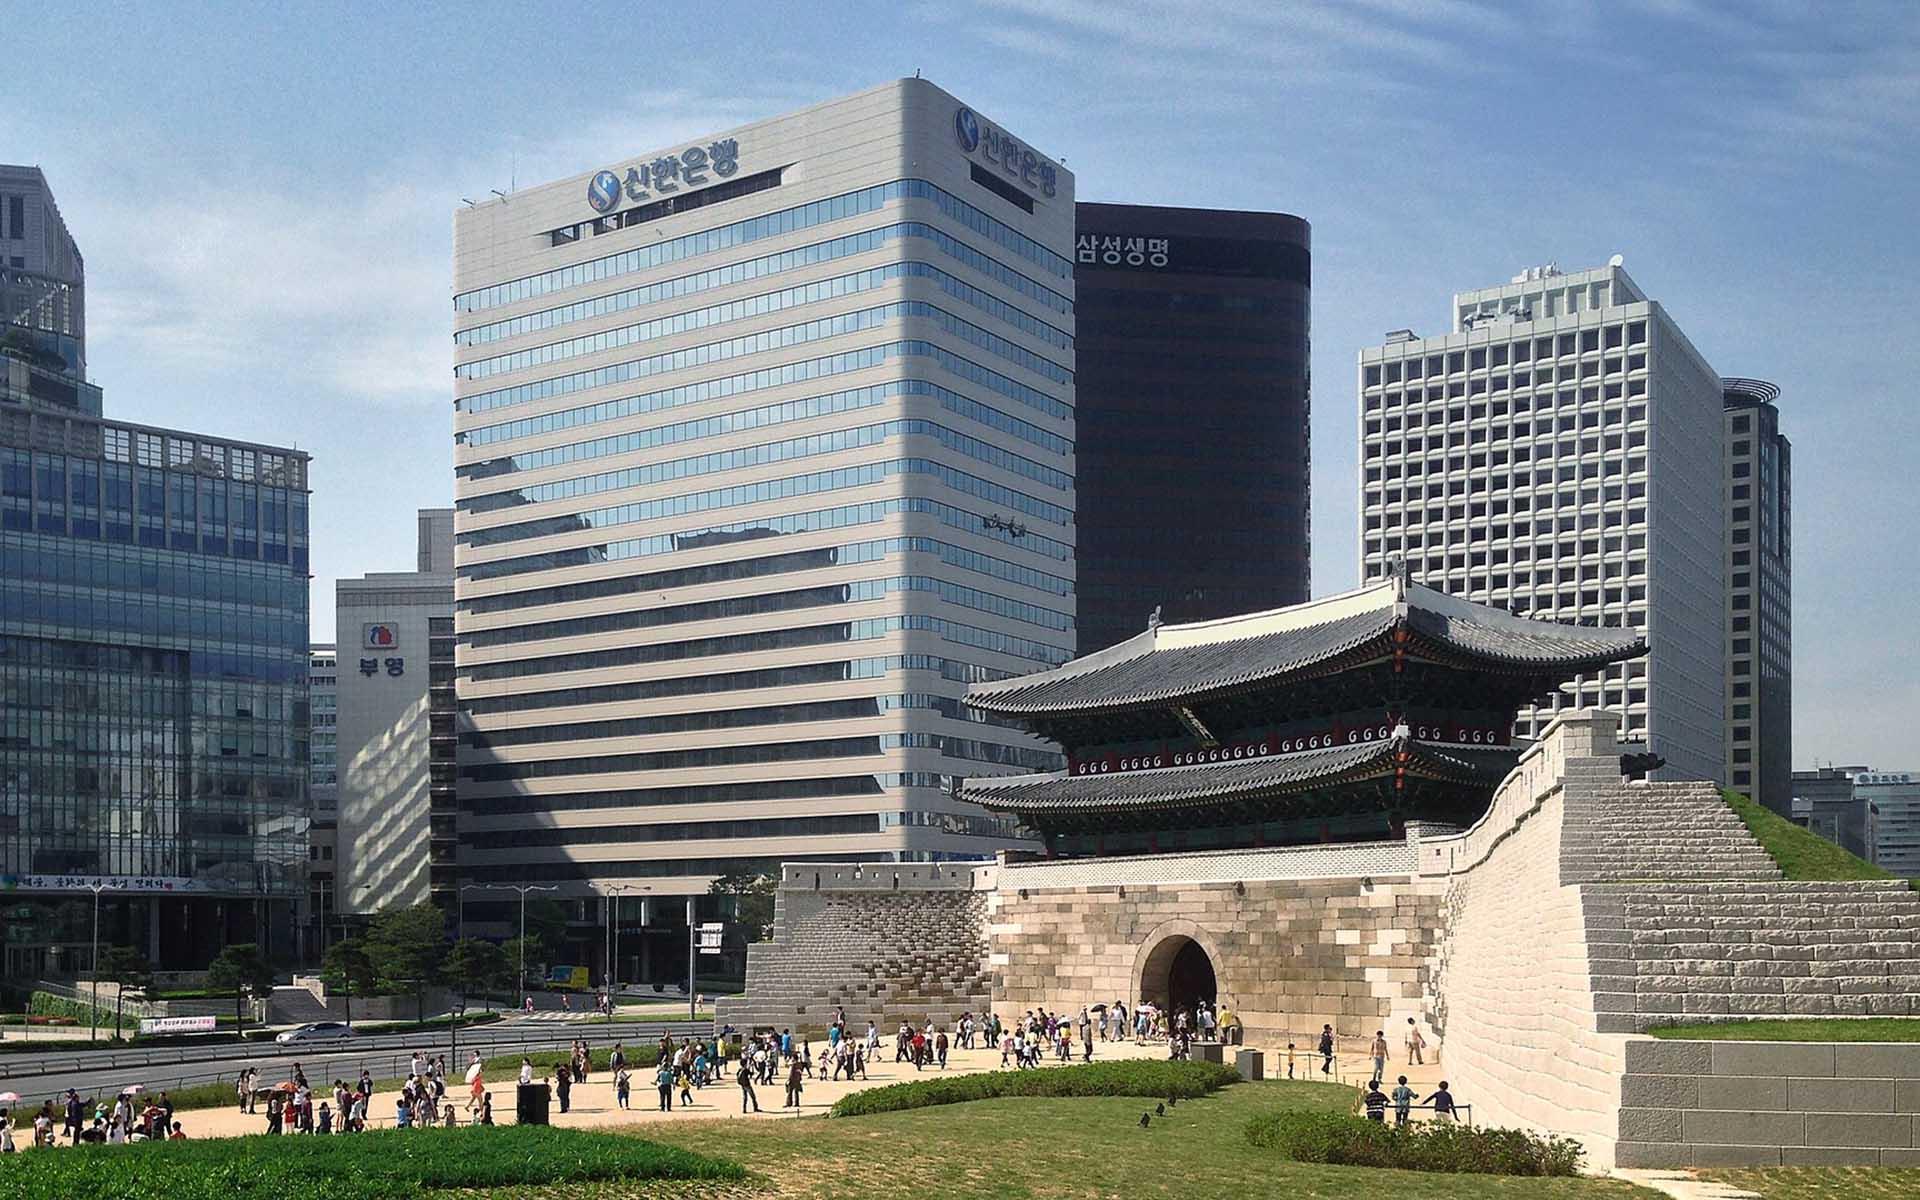 Bank On This! South Korea's Shinhan Bank 'Working On Bitcoin Wallet'